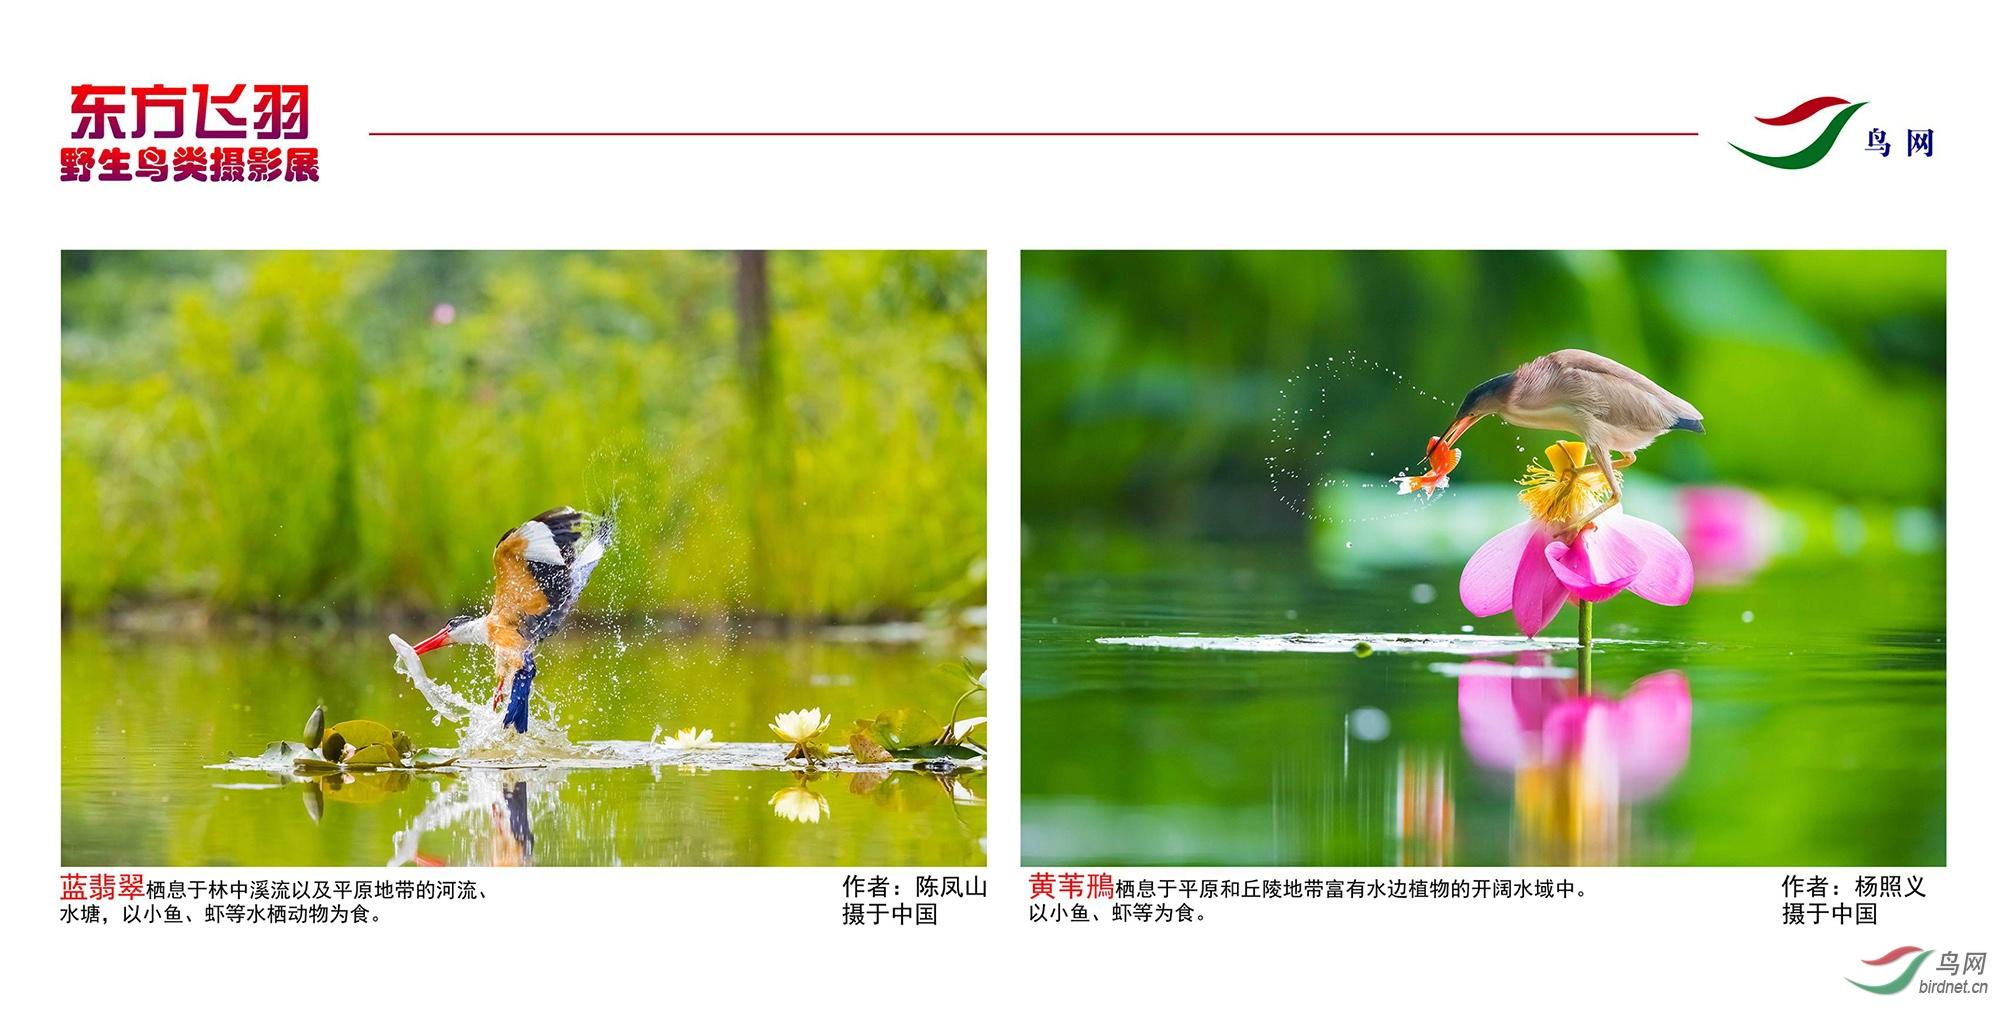 1_东方明珠摄影展照片_15.jpg